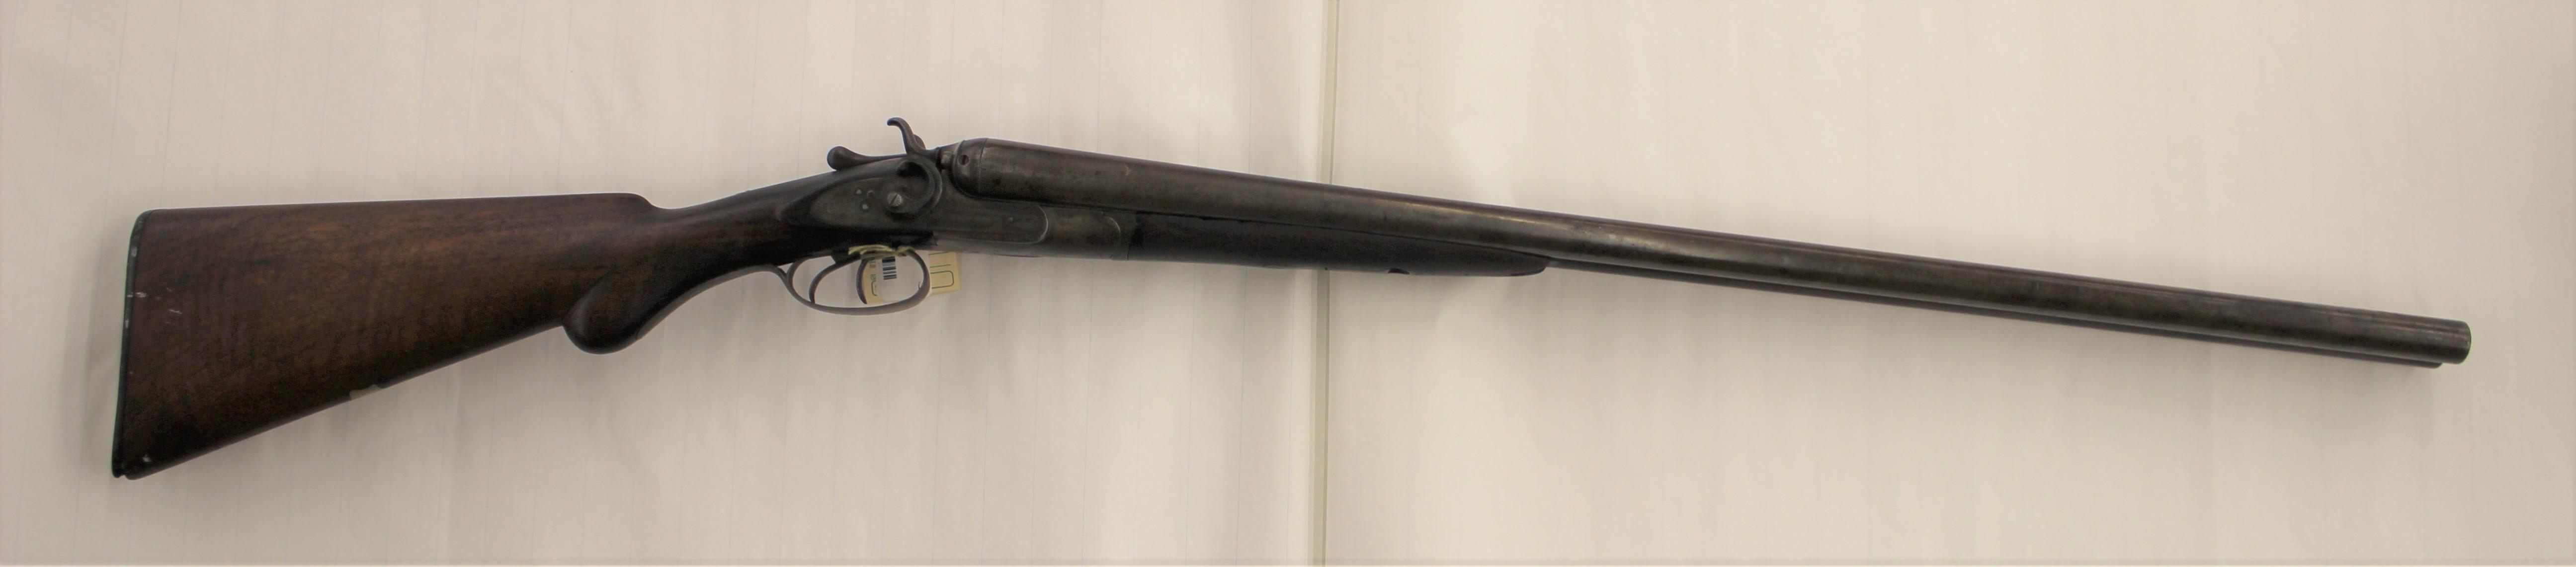 MEACHAM - MODEL 14M - SHOTGUN